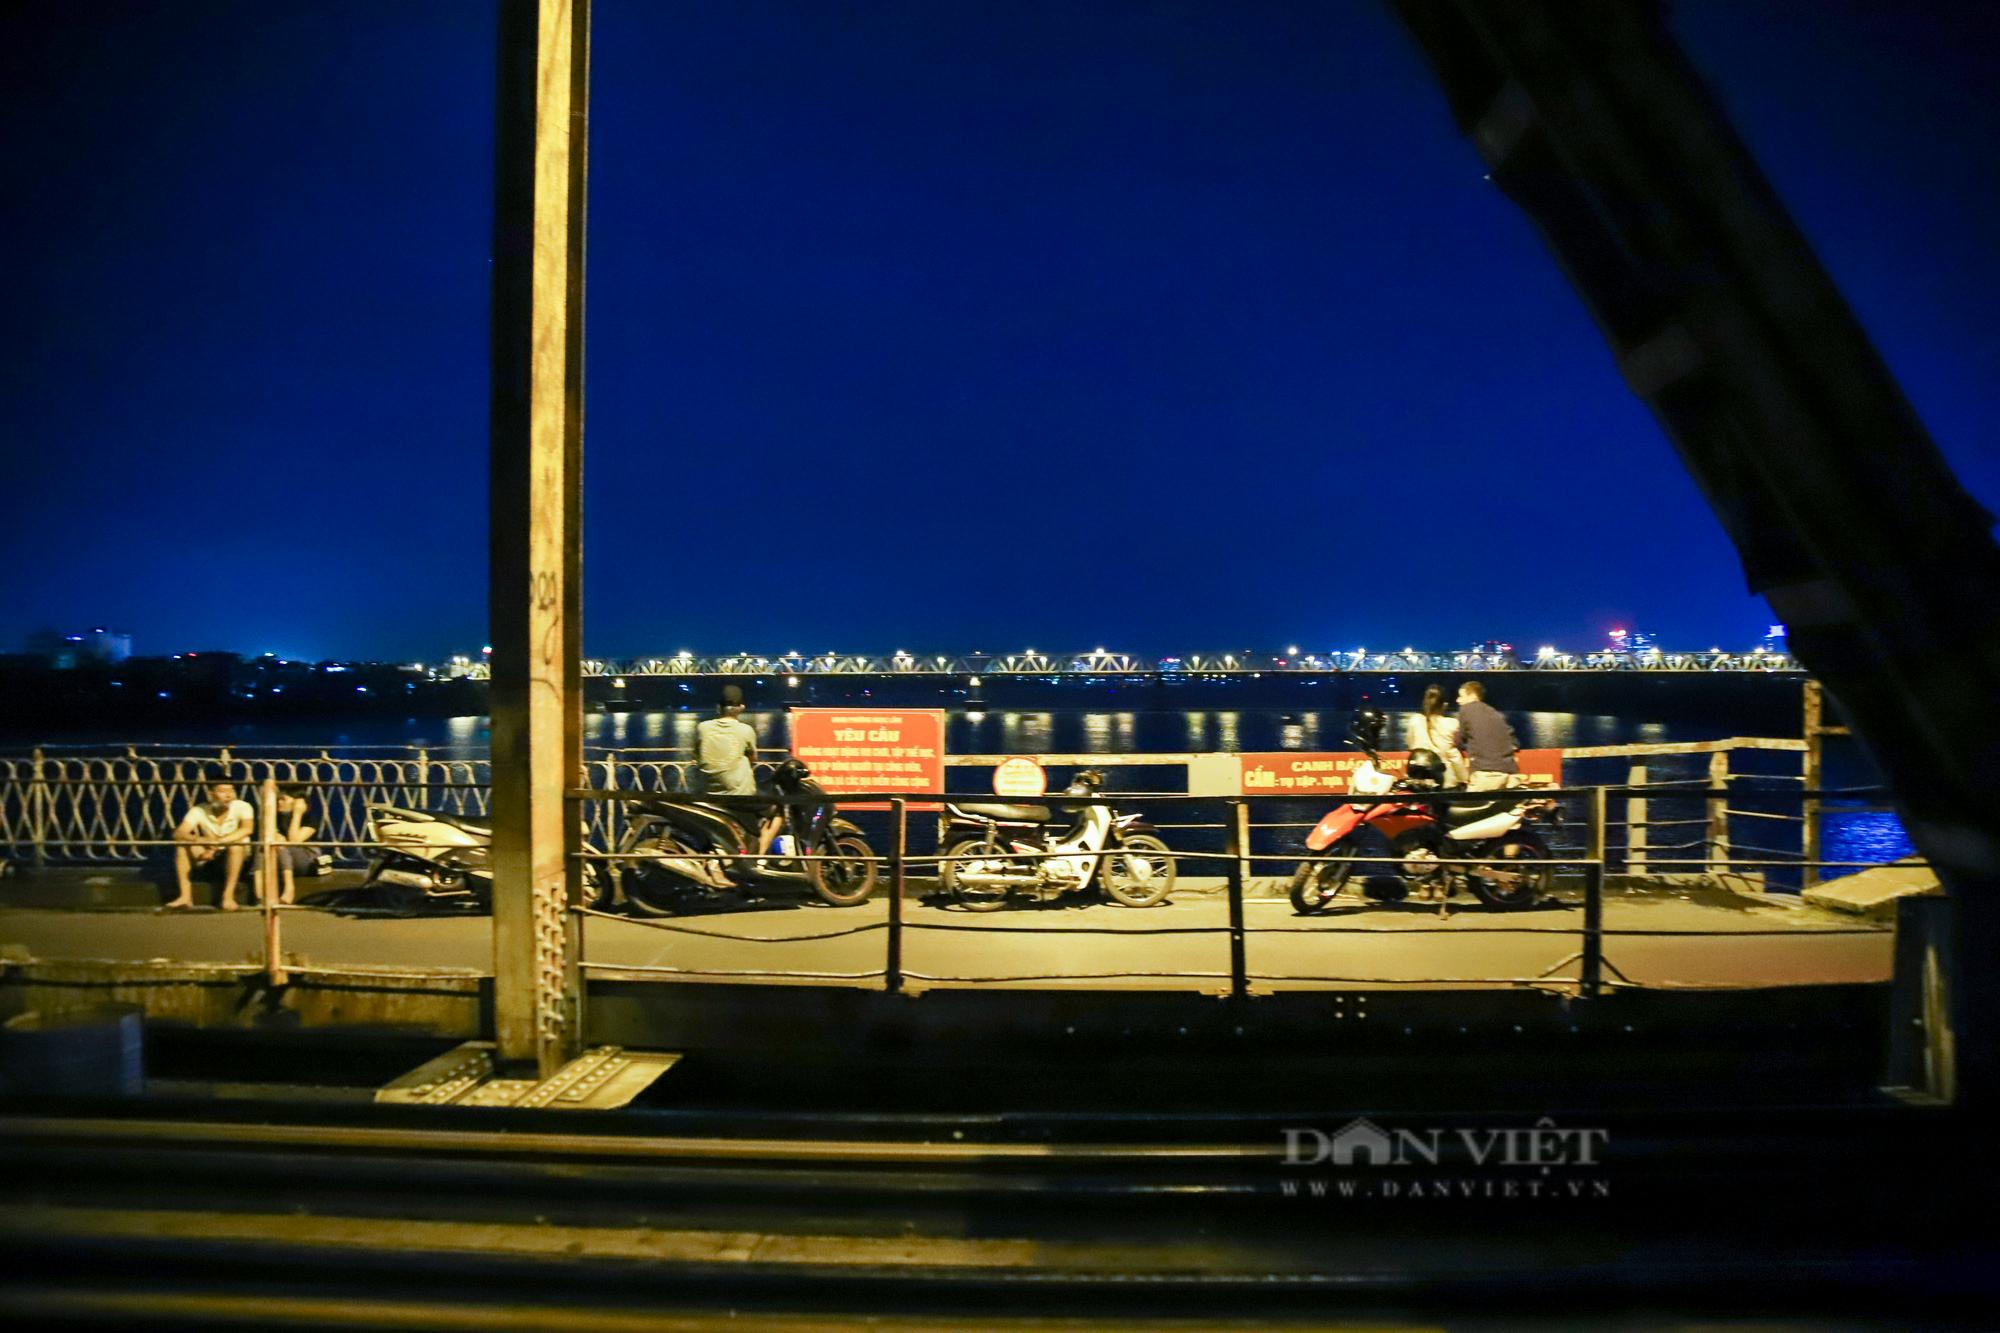 Cầu Long Biên đông đúc người hóng gió, bất chấp lệnh giãn cách xã hội - Ảnh 9.